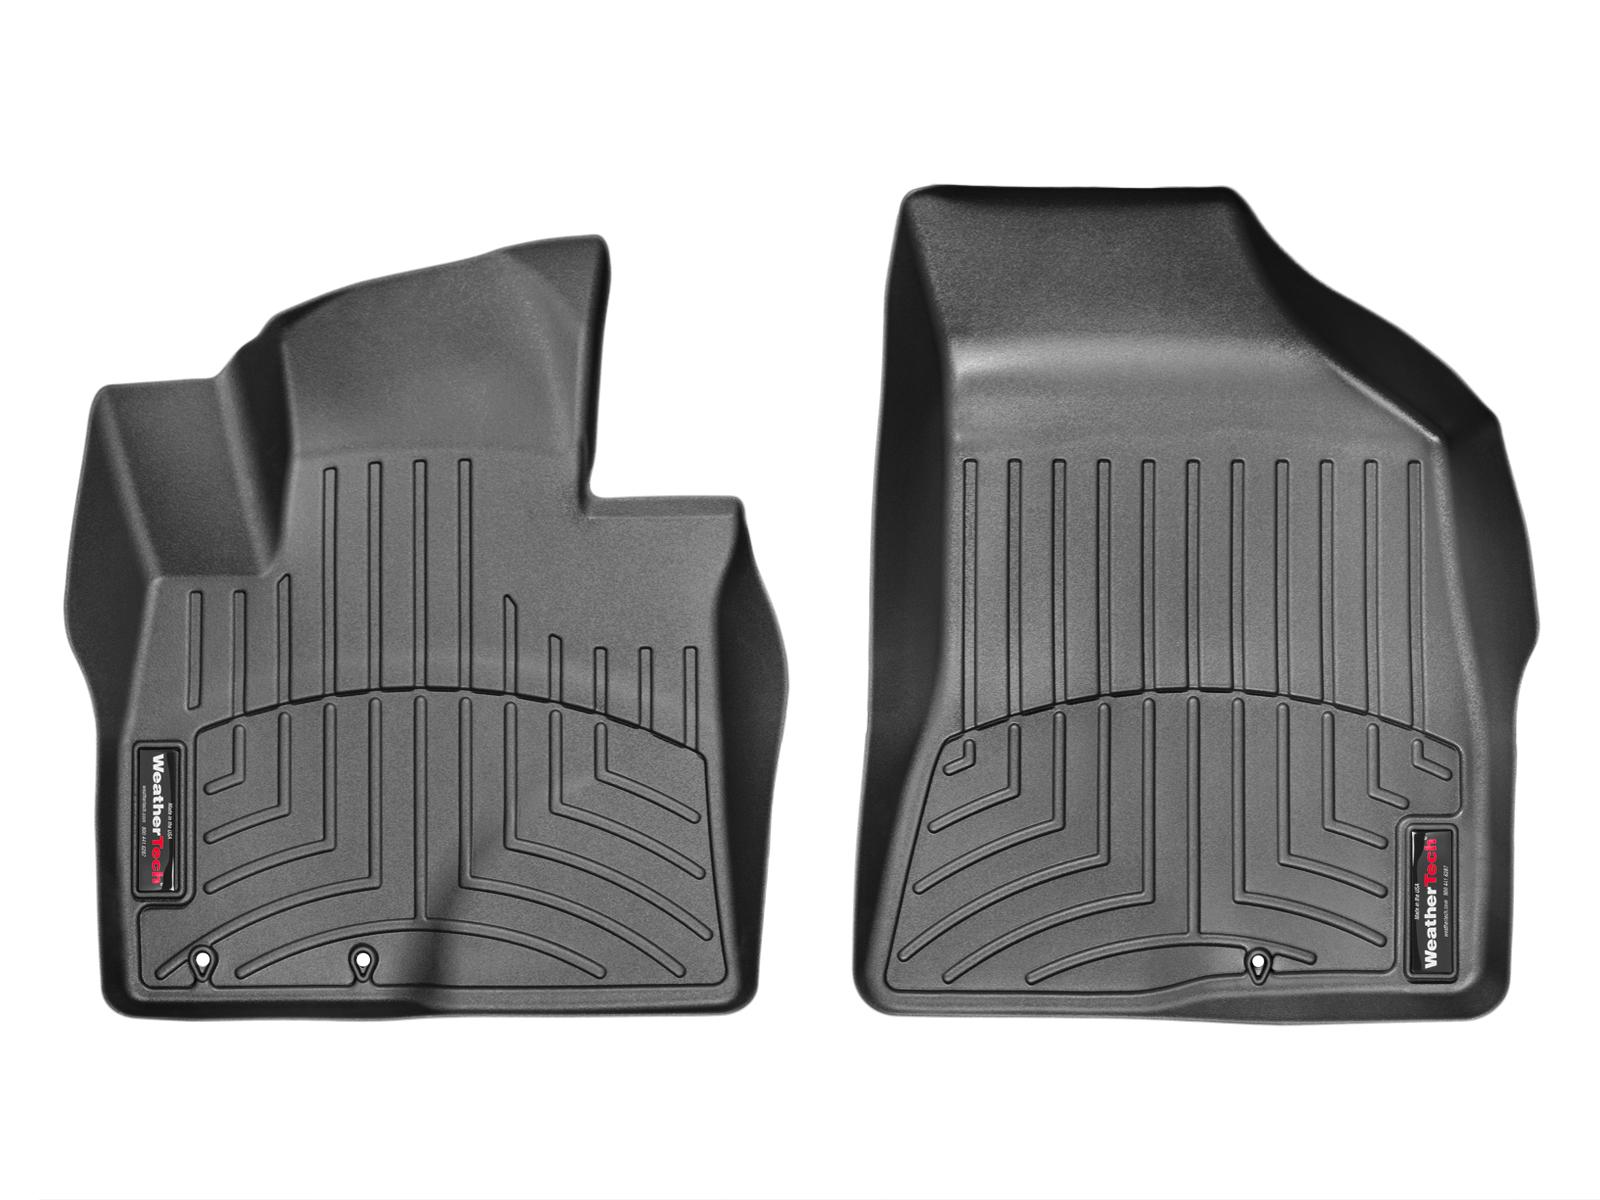 Tappeti gomma su misura bordo alto Hyundai Santa Fe 12>12 Nero A1487